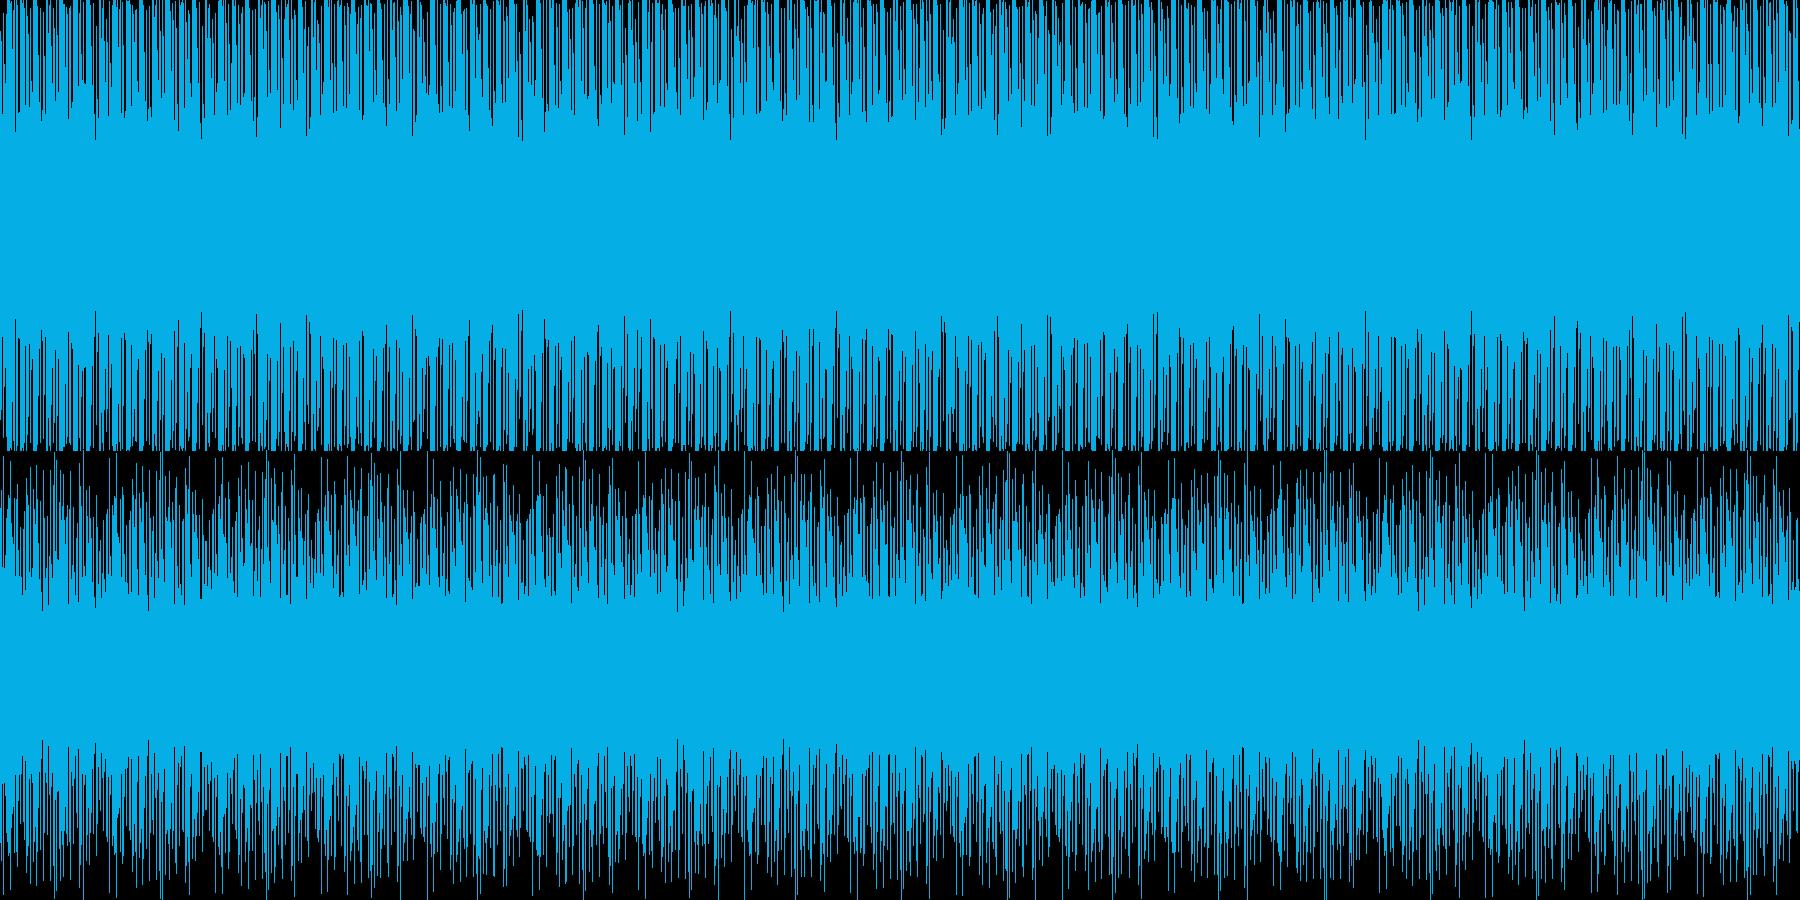 意識もうろうの再生済みの波形